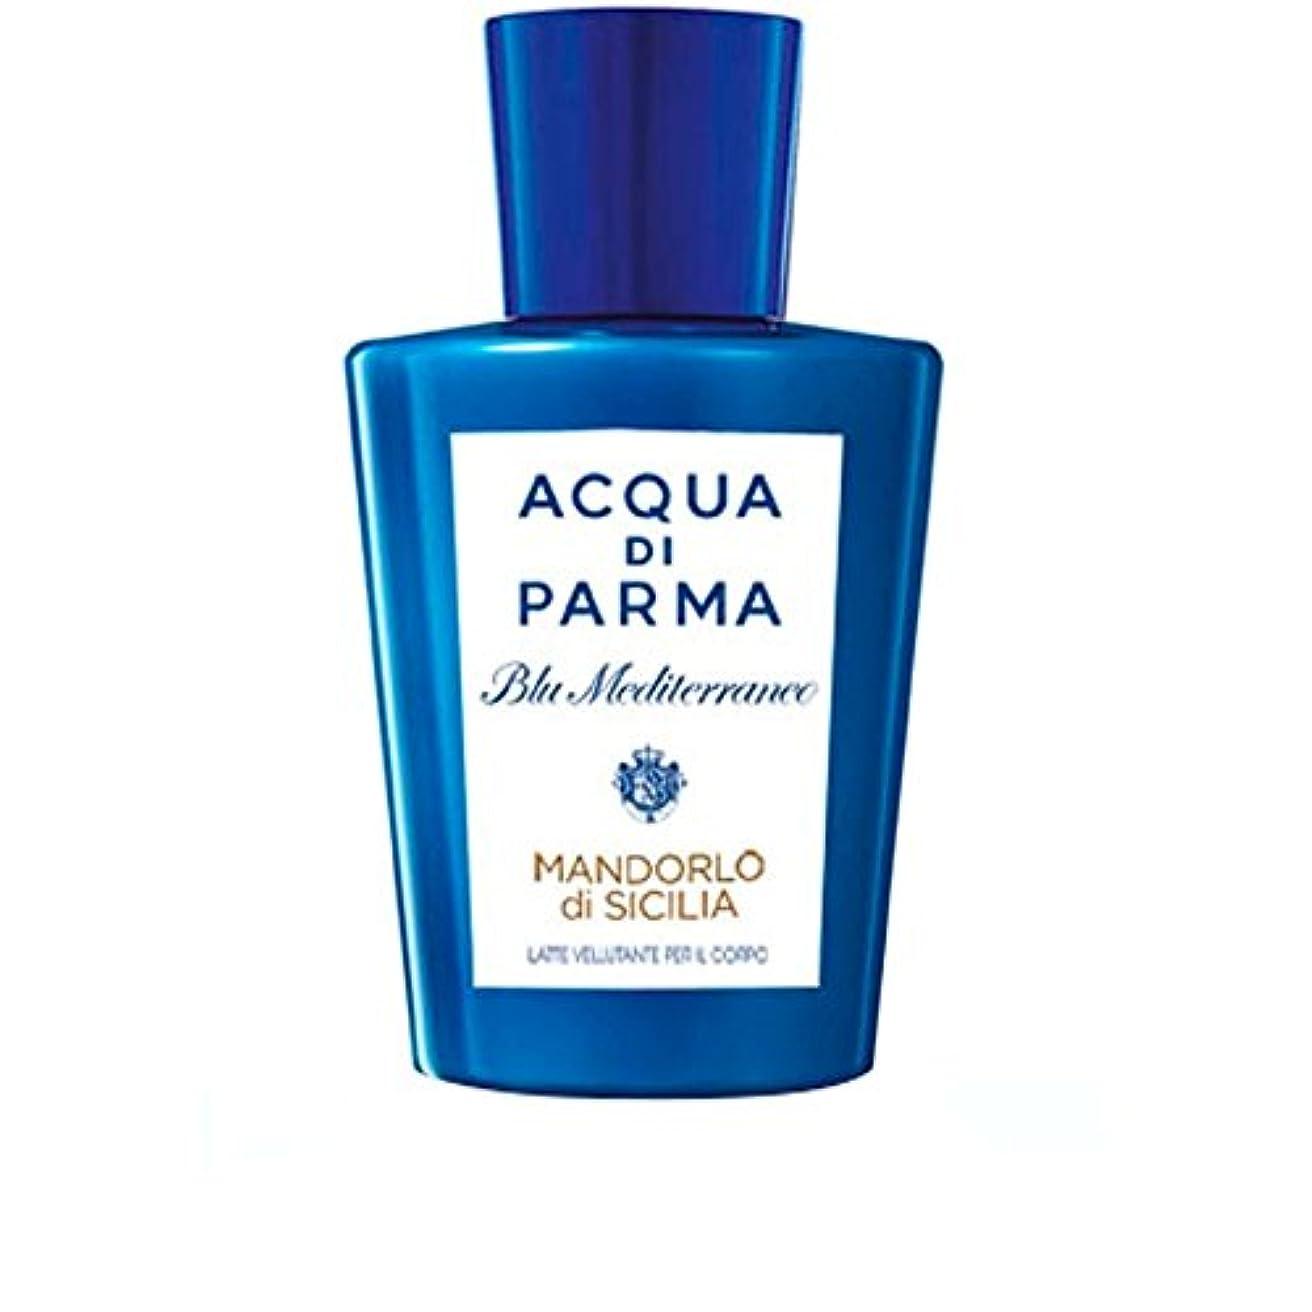 待ってライオネルグリーンストリート直感Acqua Di Parma Mandorlo Di Sicilia Pampering Body Lotion 200ml (Pack of 6) - アクアディパルママンドルロ?ディ?シチリア至福のボディローション200 x6 [並行輸入品]